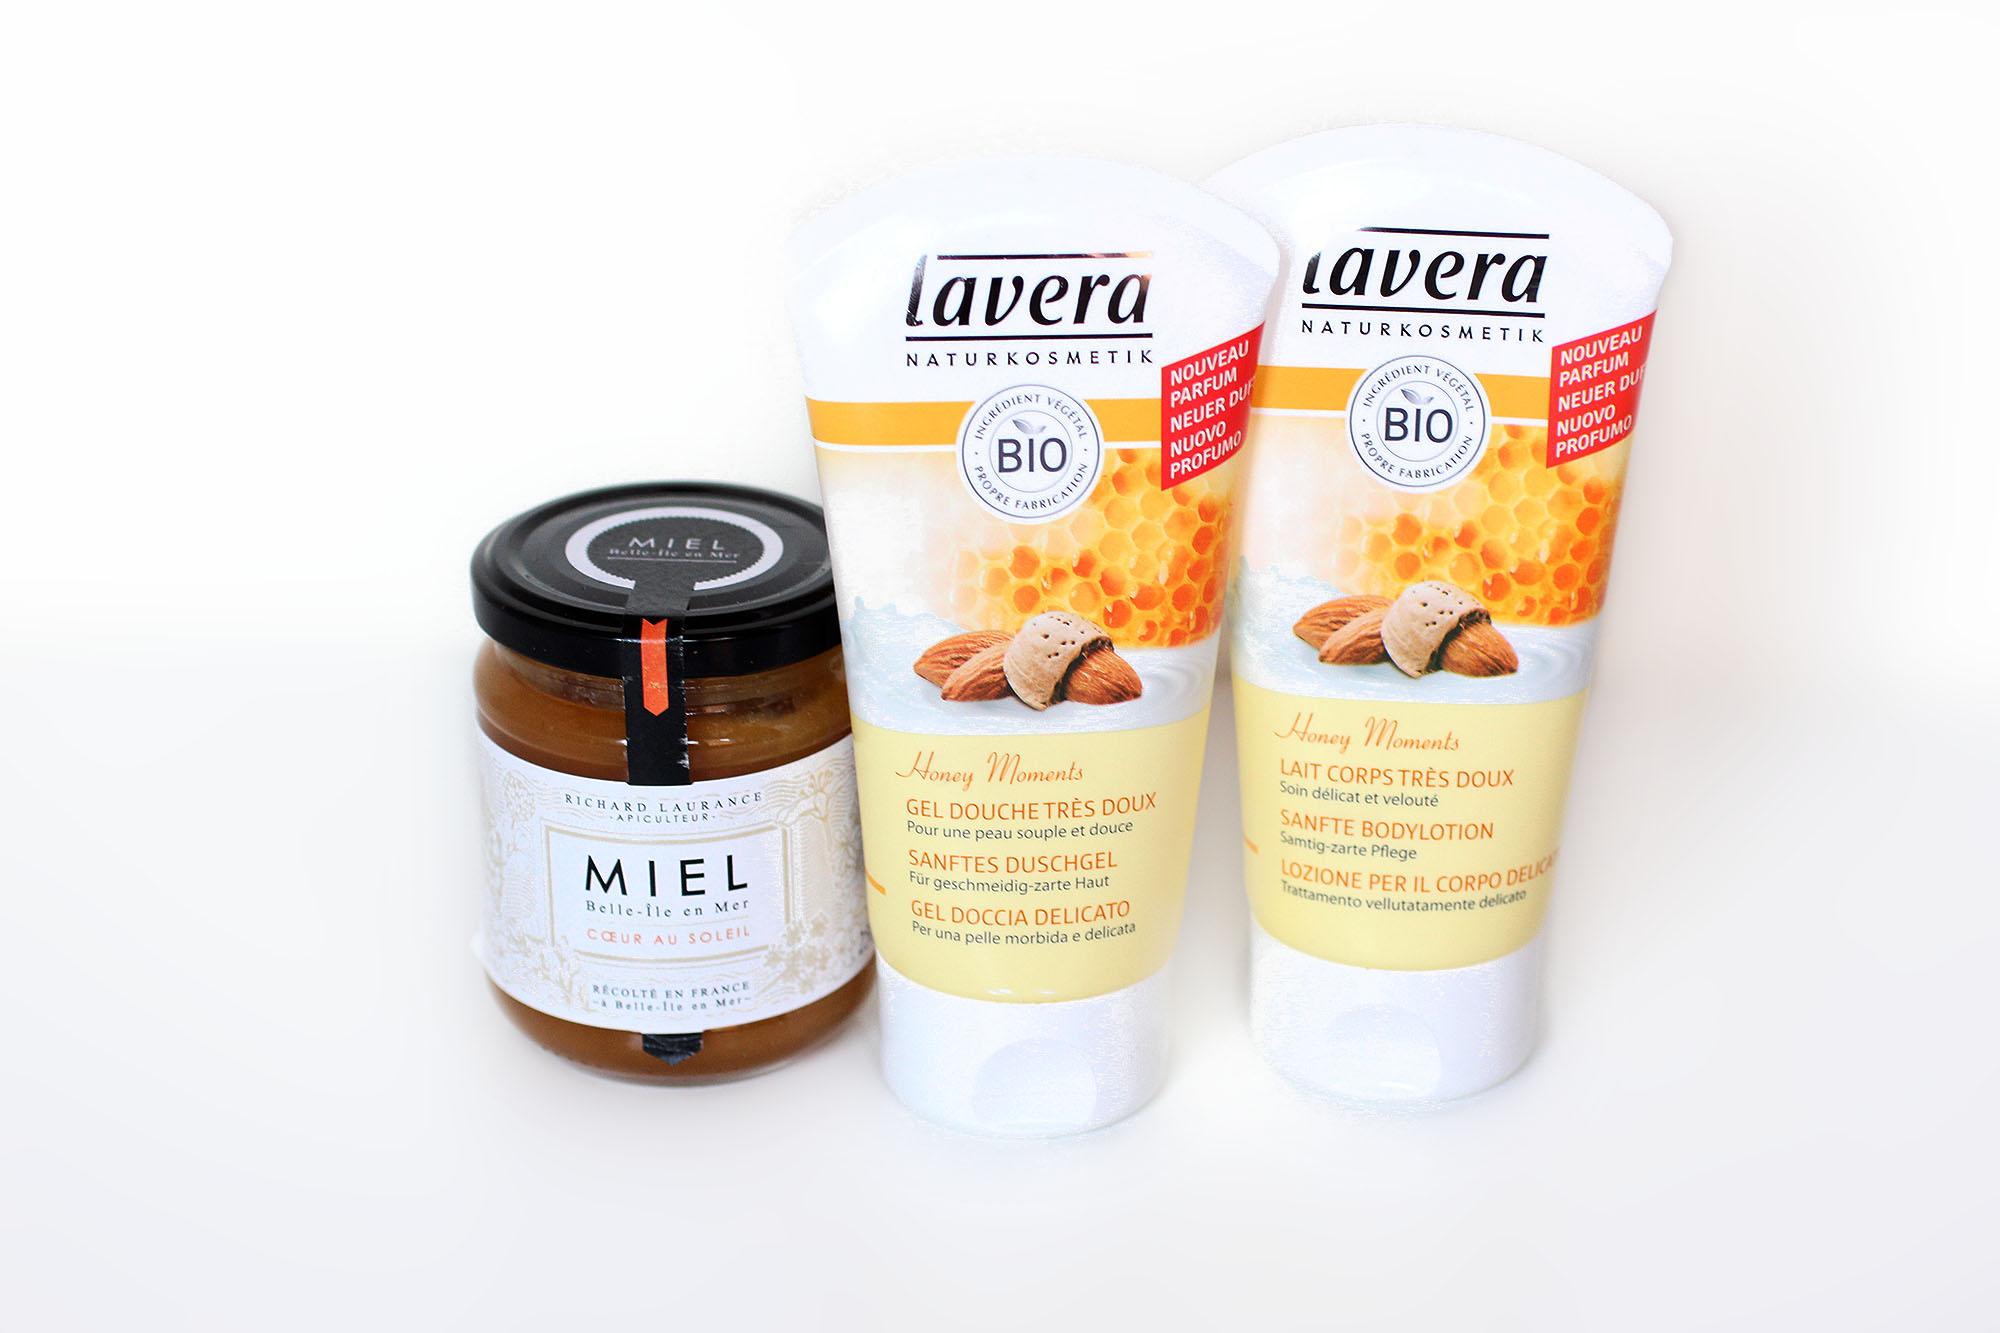 Honey Moments : Gel douche & Lait Corps - Lavera